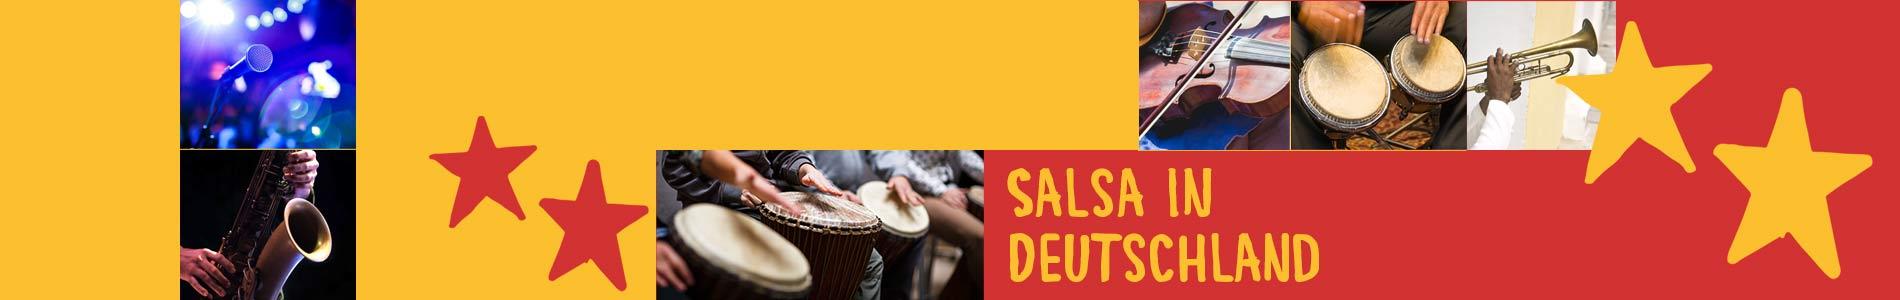 Salsa in Braunlage – Salsa lernen und tanzen, Tanzkurse, Partys, Veranstaltungen